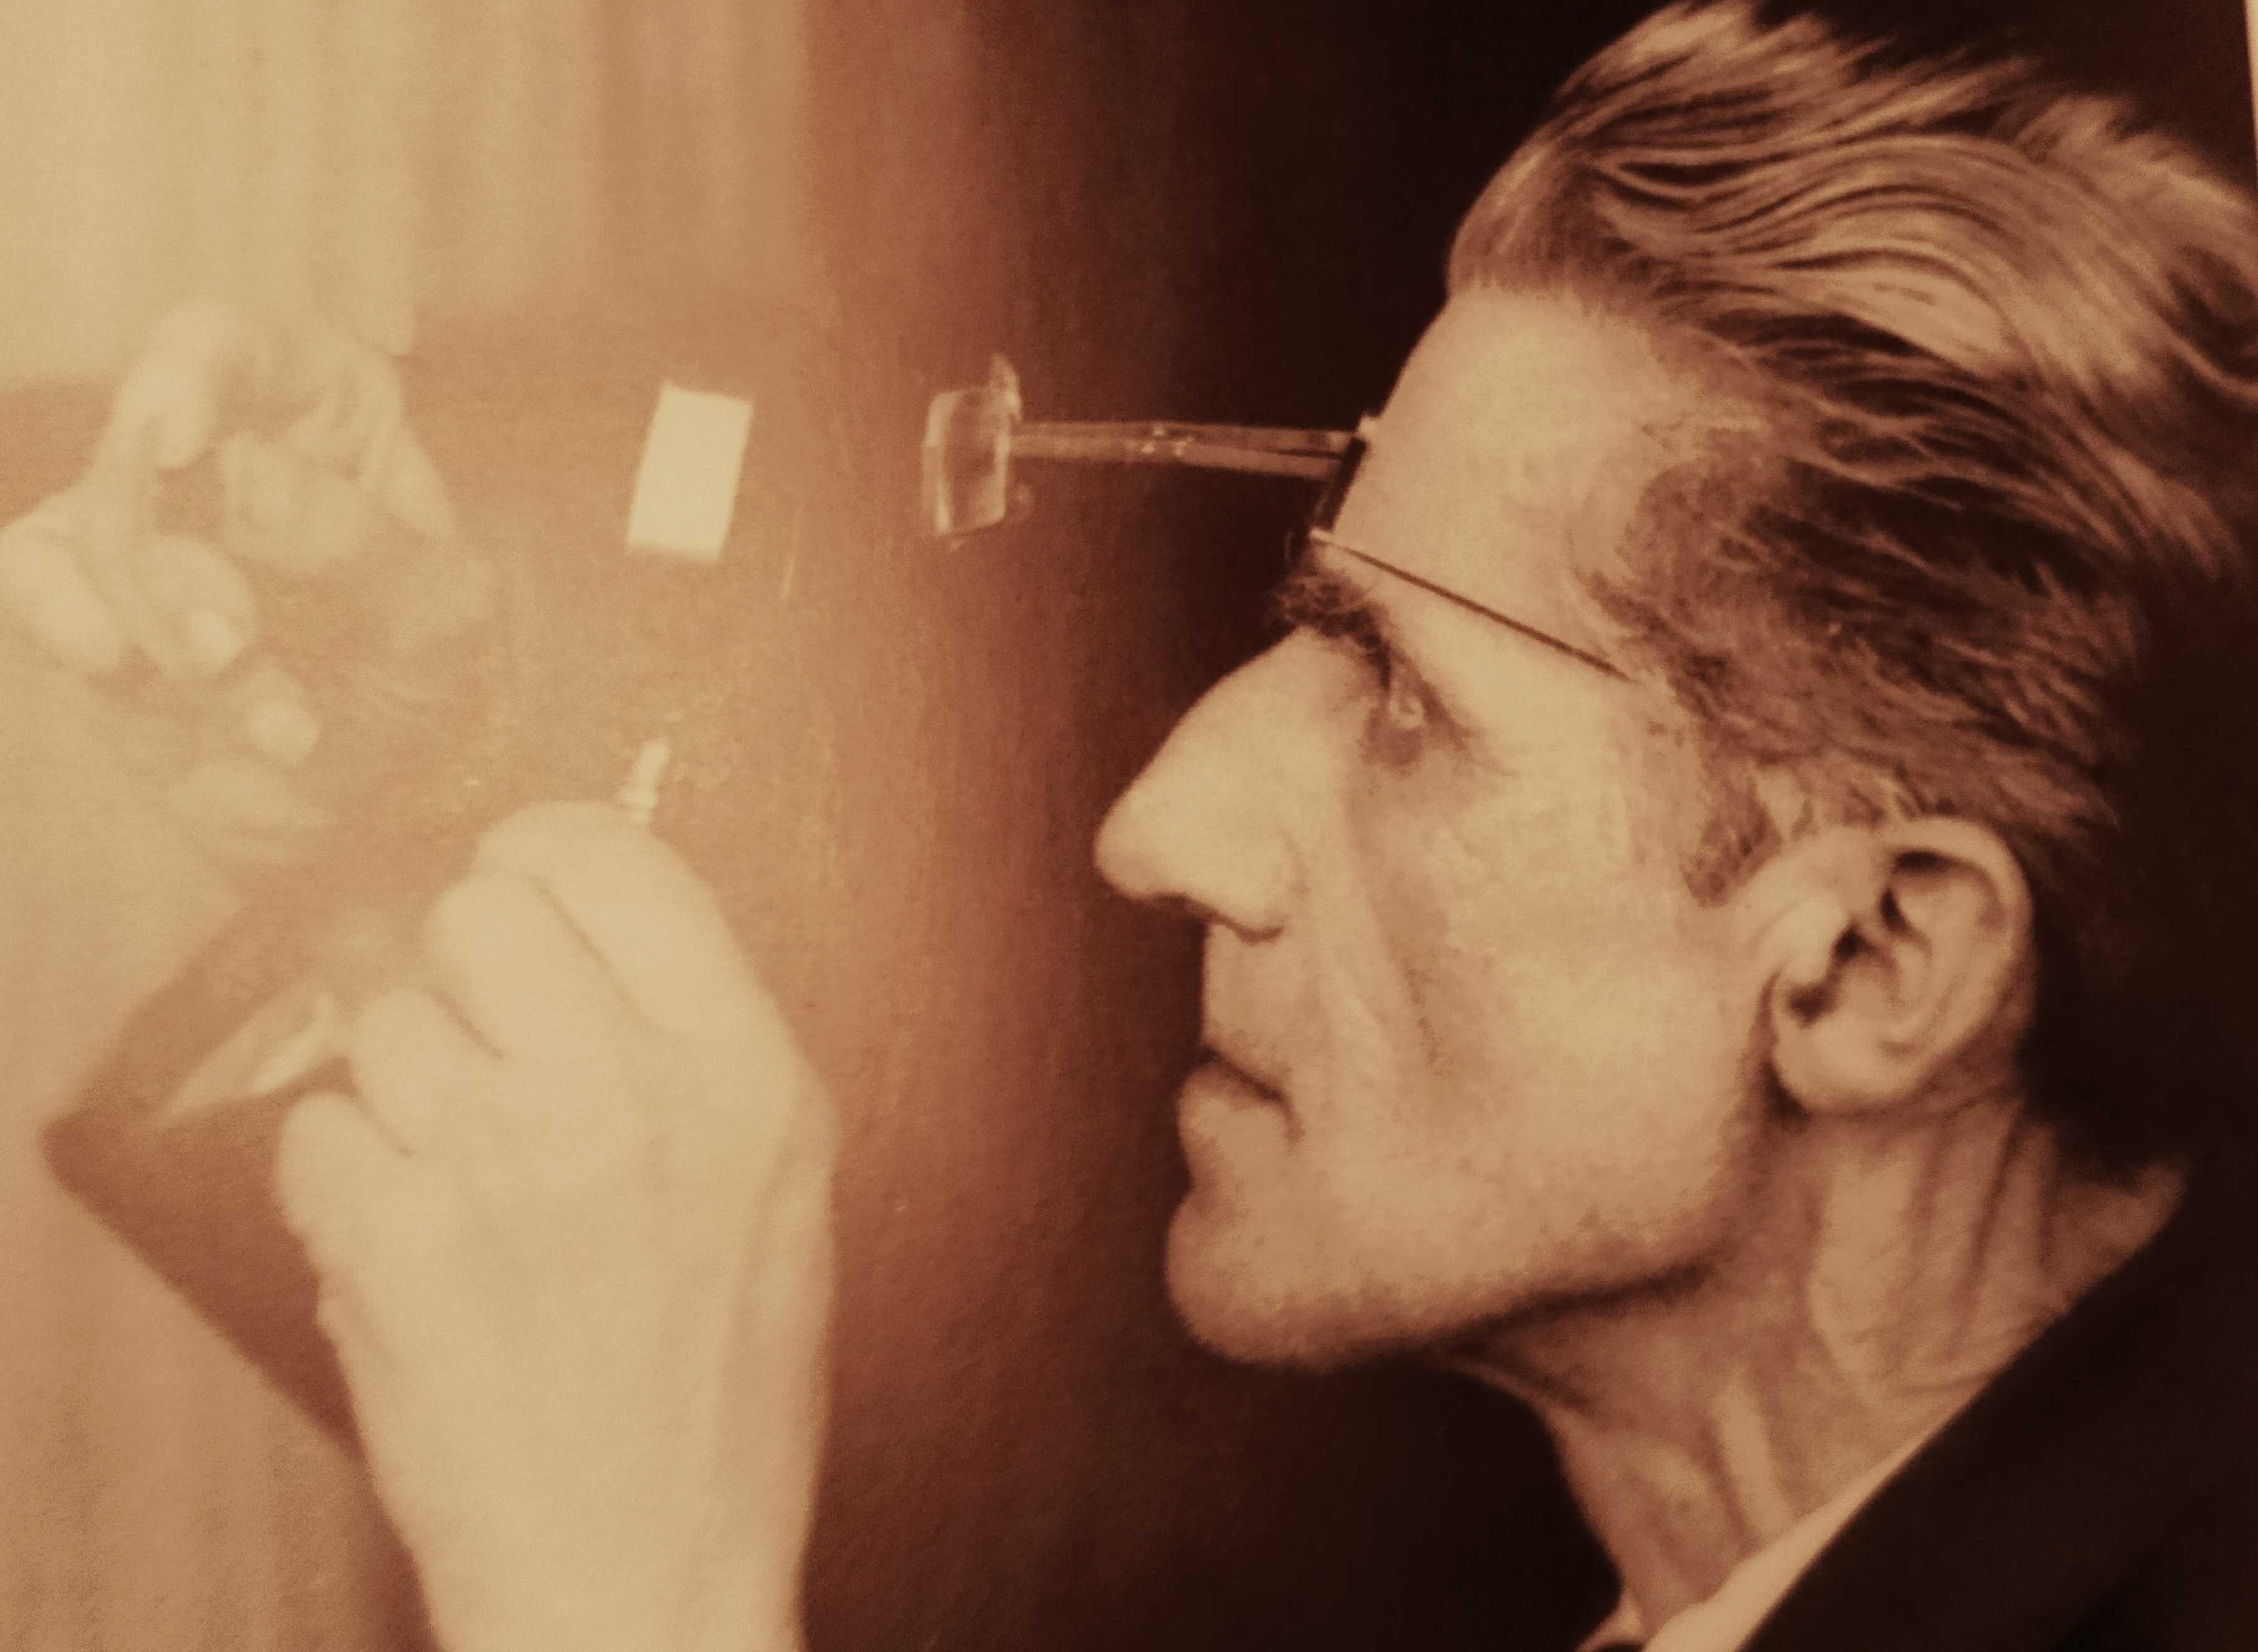 Jean de Sperati bei der sorgfältigen Qualitätsprüfung eines Replikates. Bildvorlage: WM-Archiv